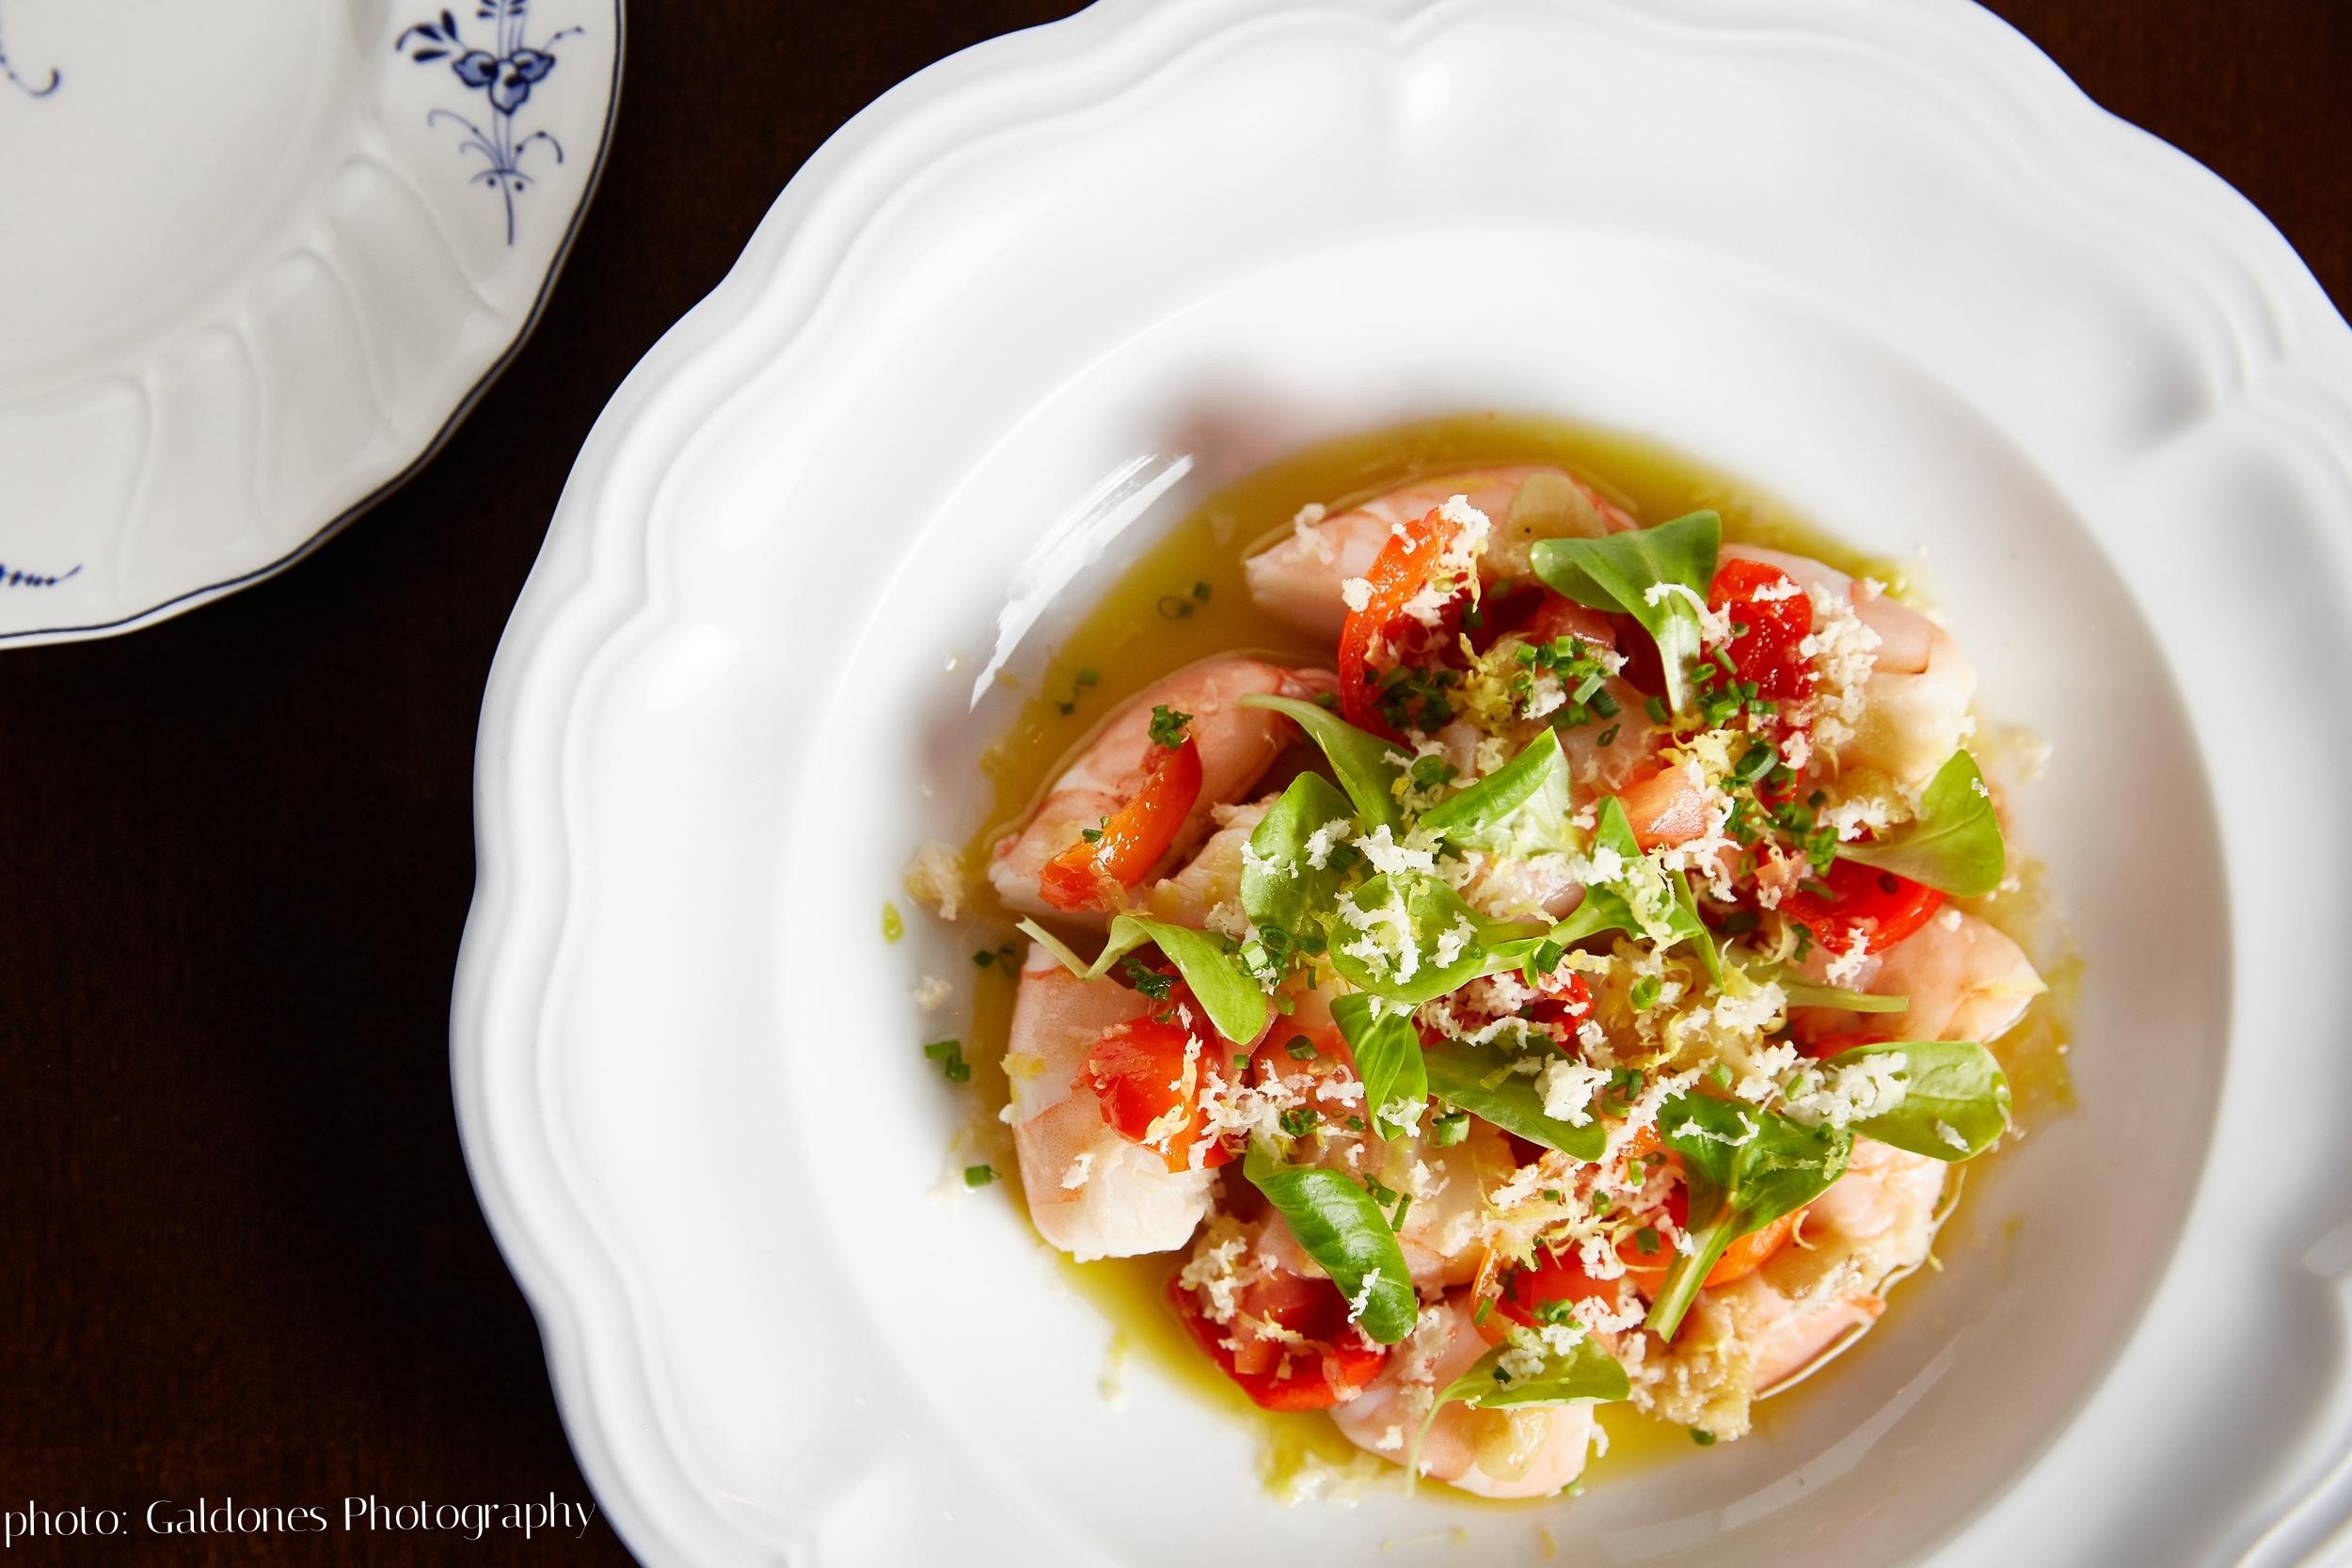 Beacon_Dinner_Shrimp_051216_HG.jpg